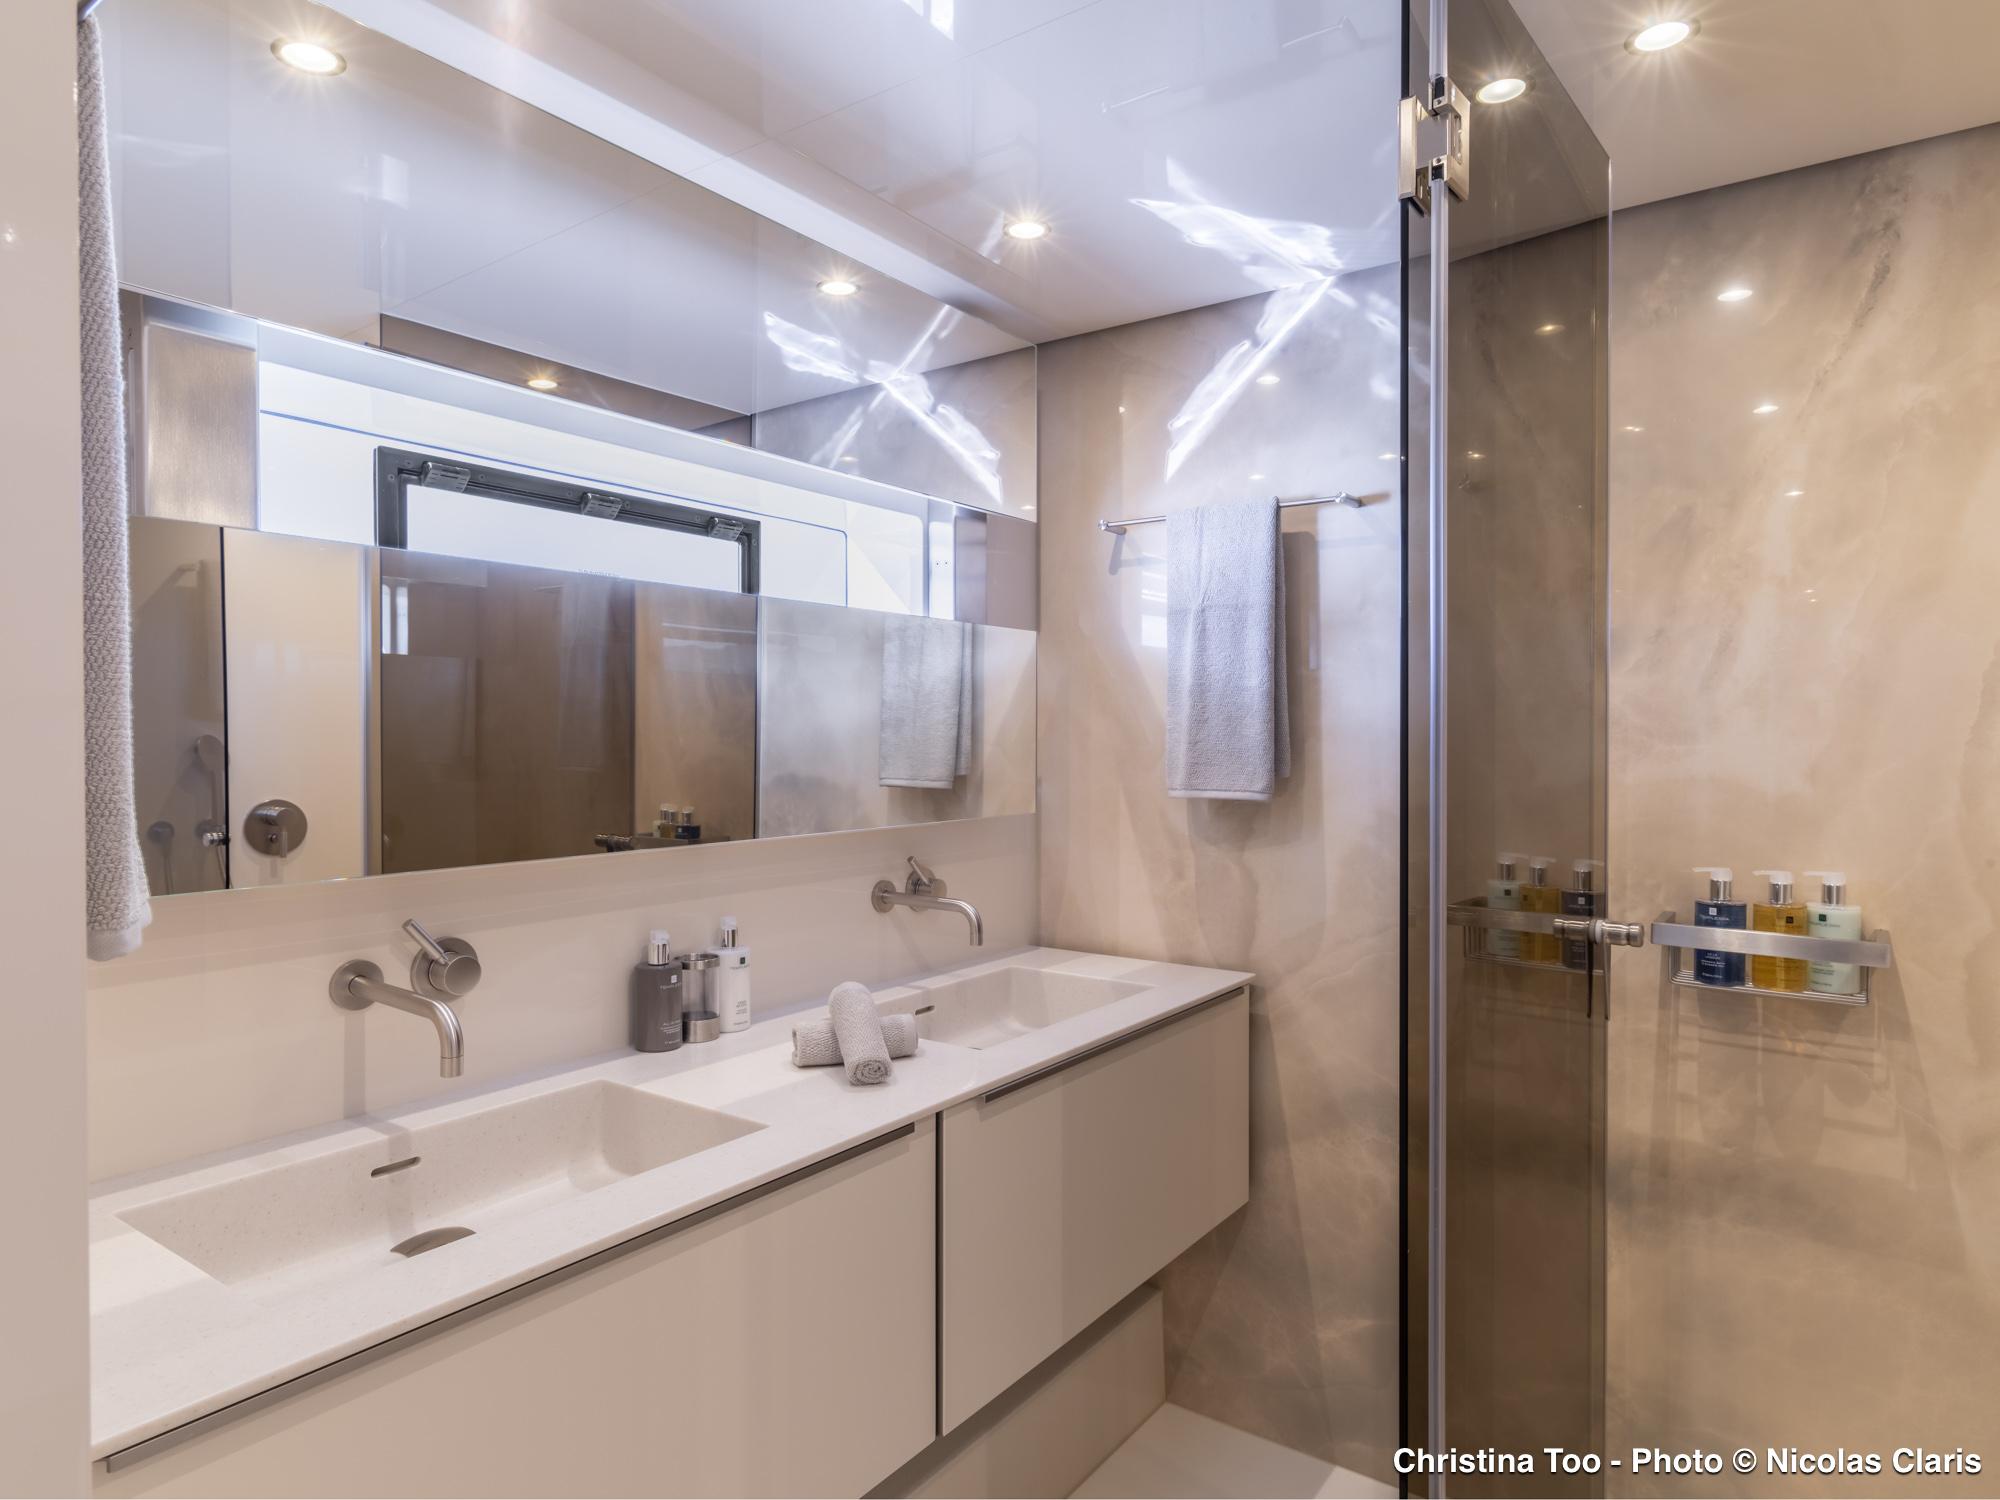 Cabin - Ensuite Bathroom